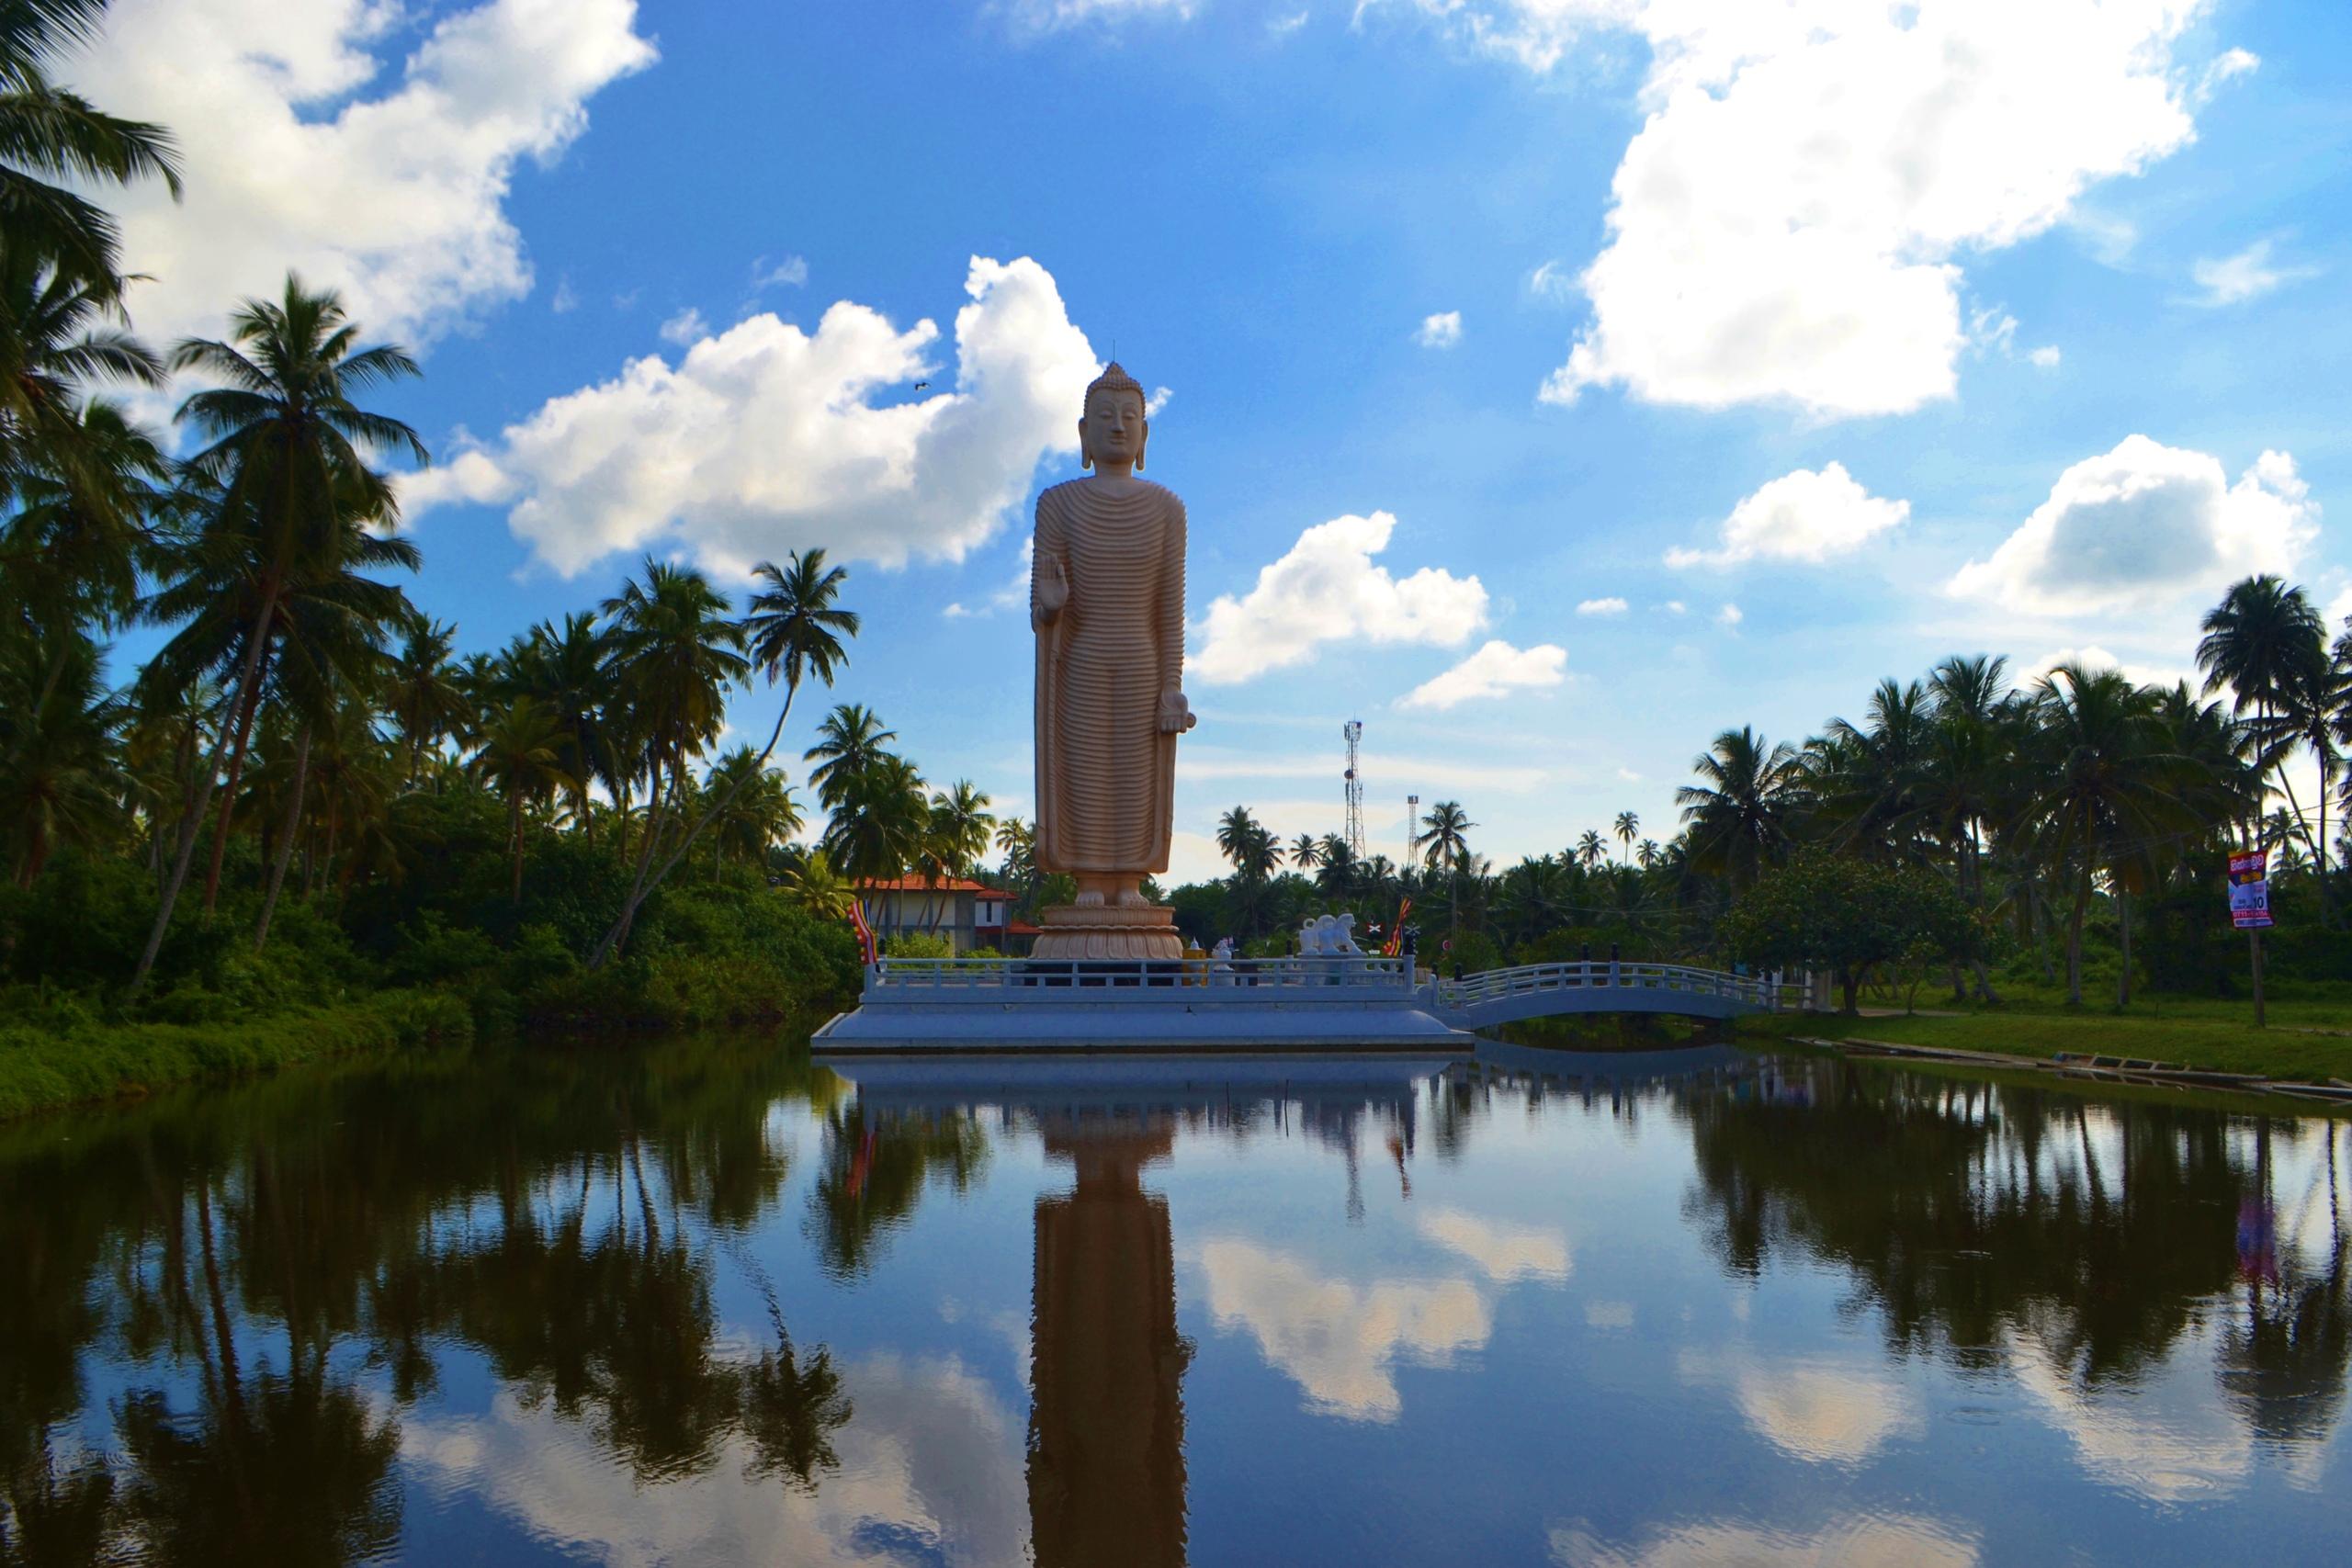 Шри Ланка (фото) - Страница 2 N1uYbqRpLgs